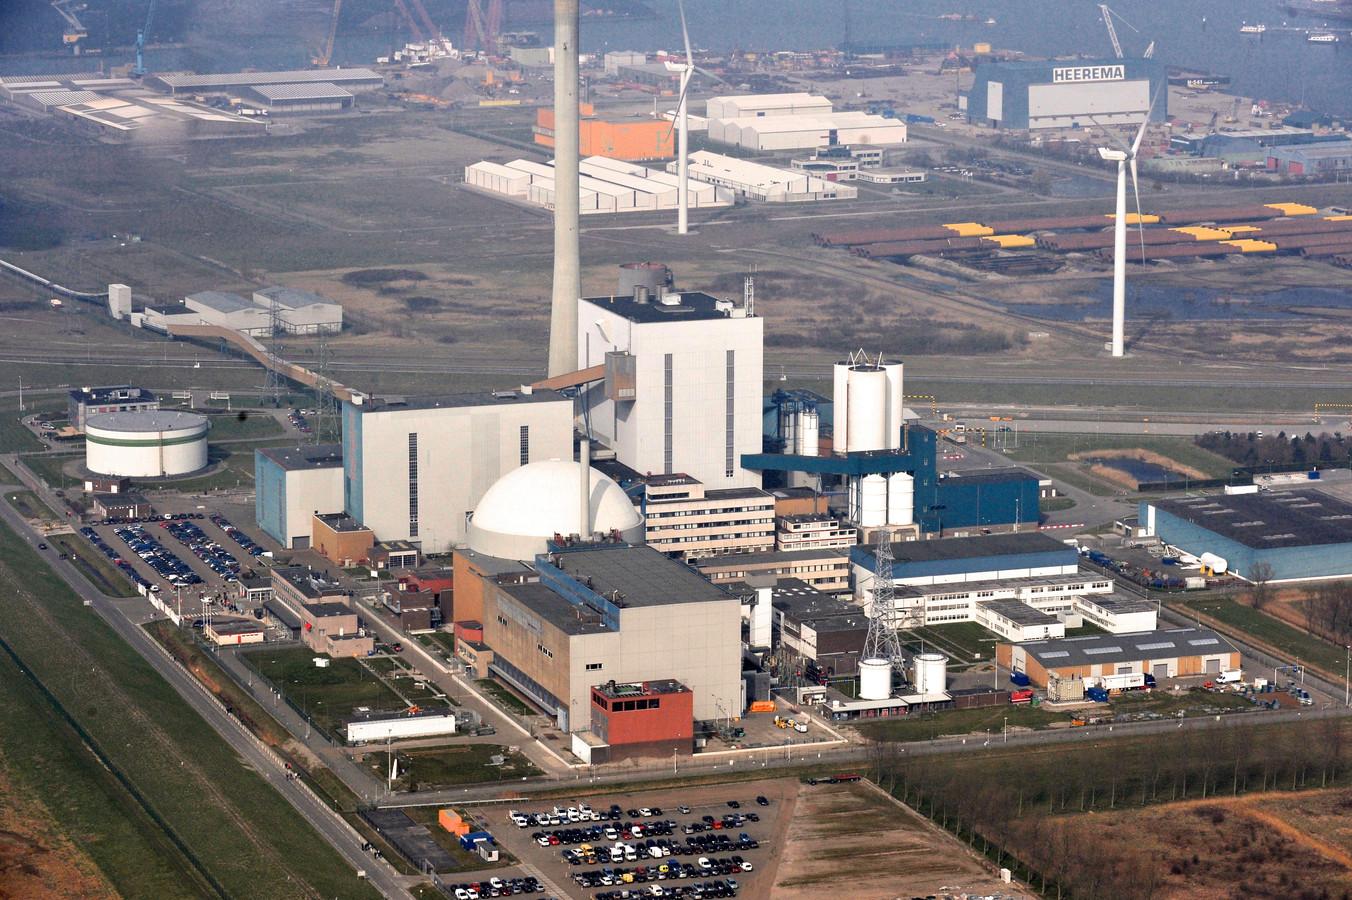 Luchtopname van de kerncentrale van Borssele.